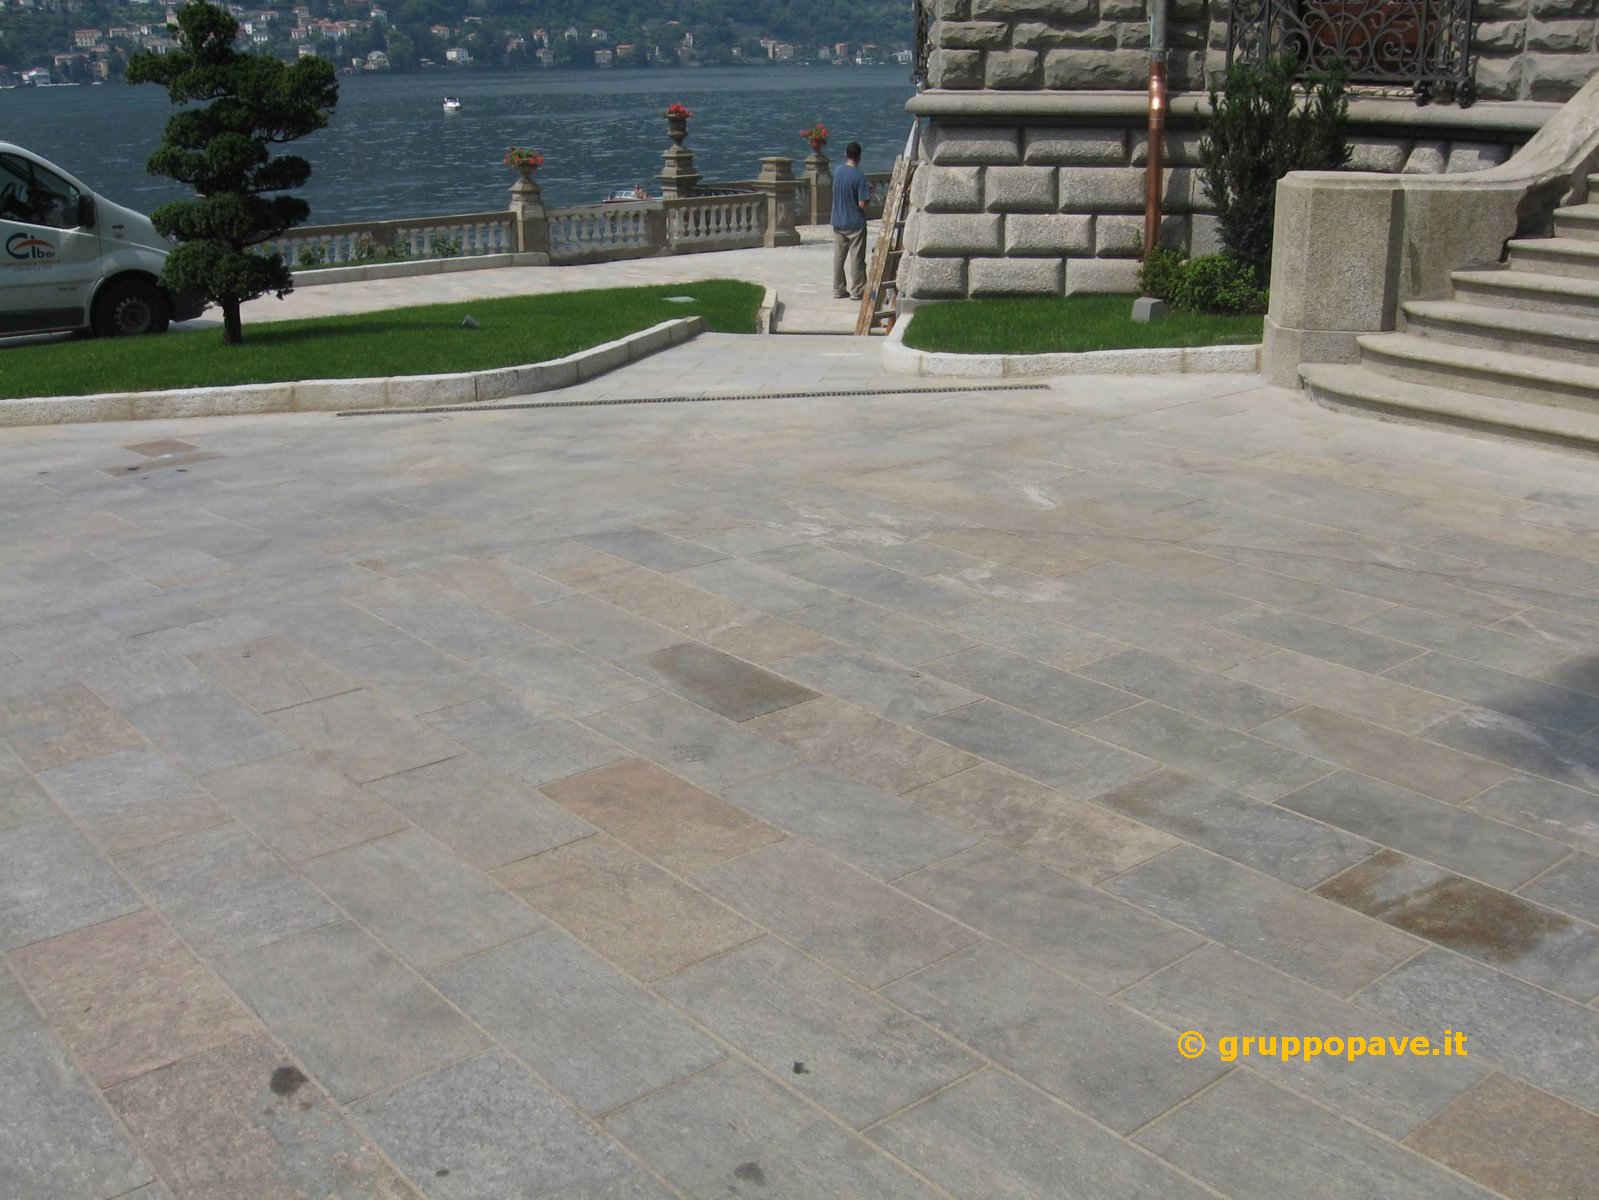 Pavimento In Pietra Di Luserna : Pietra di luserna pave pavimentazioni